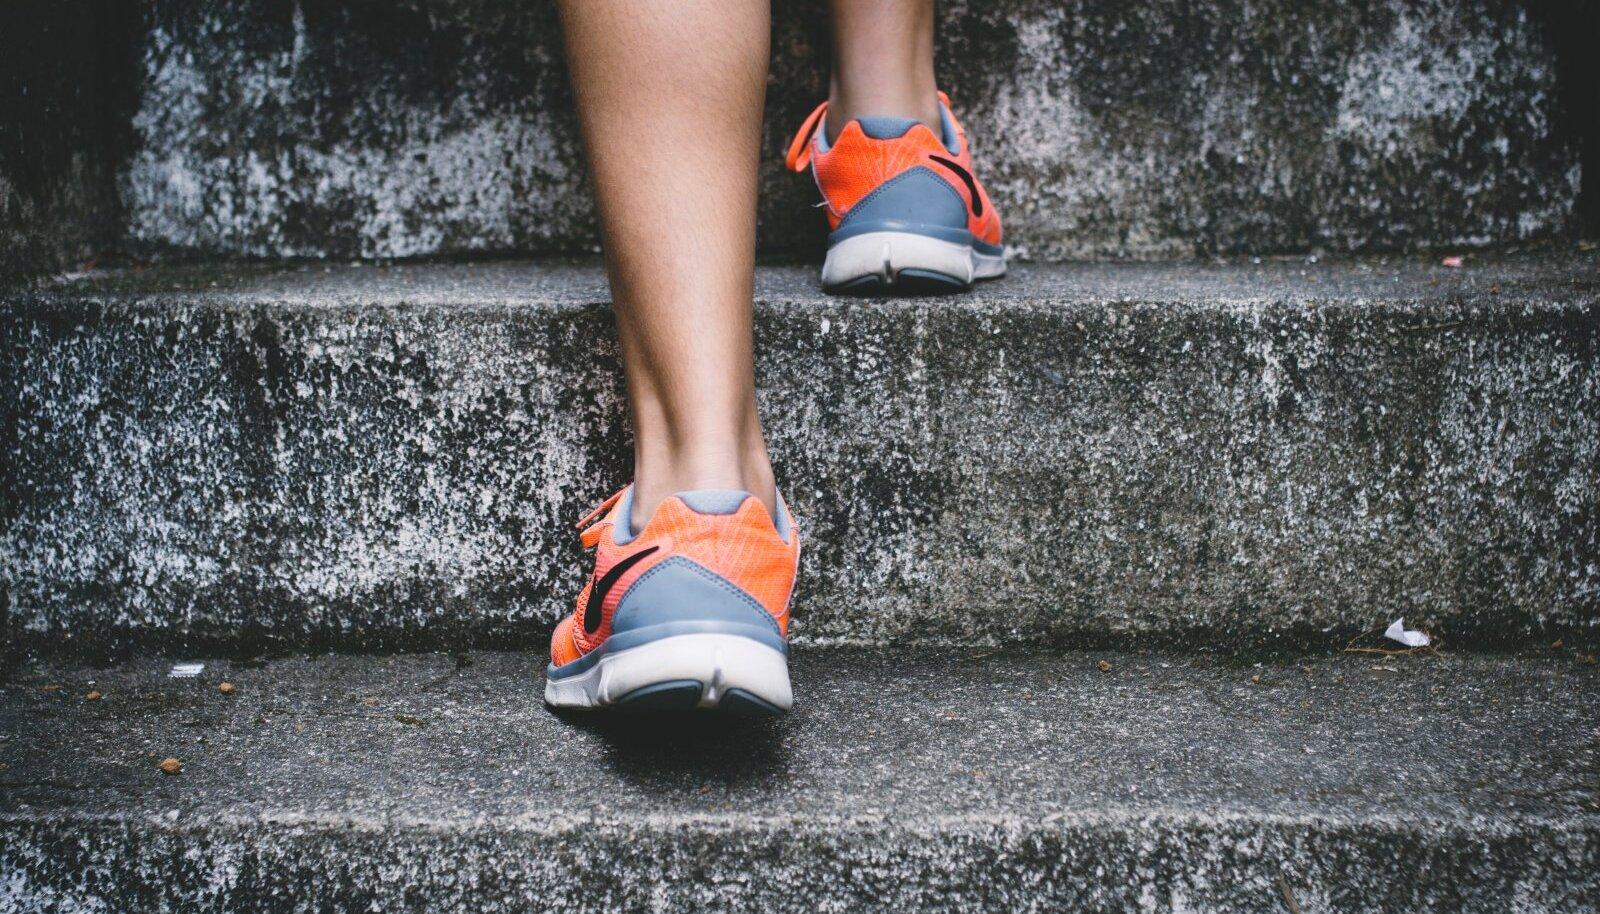 jalutage kodus 3 miili kaalulangus jalutuskaik parimad toidud lihaste ehitamiseks ja rasva poletamiseks